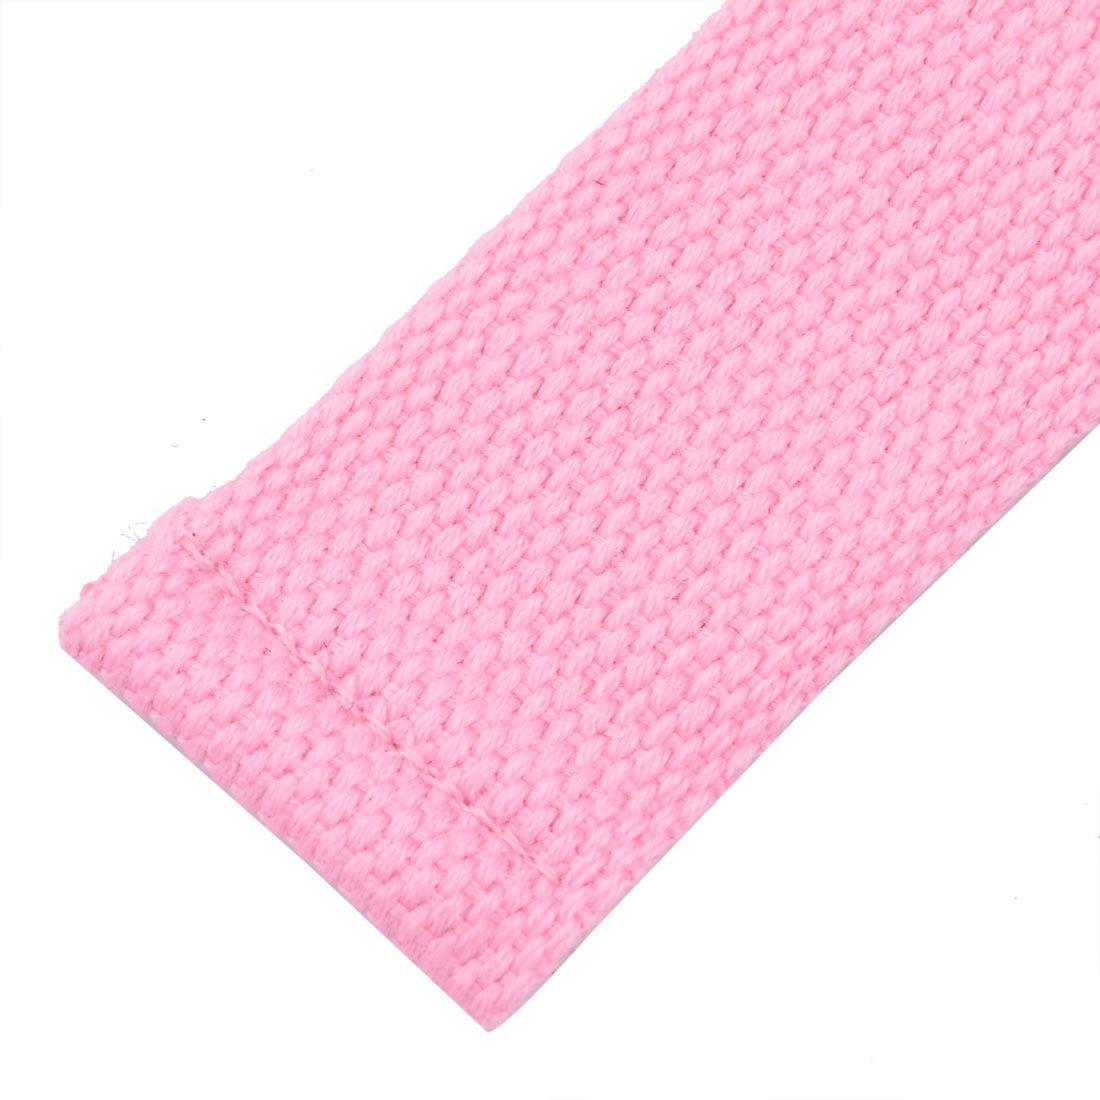 Amazon.com : eDealMax Mezclas del algodón D Forma de bucle ...